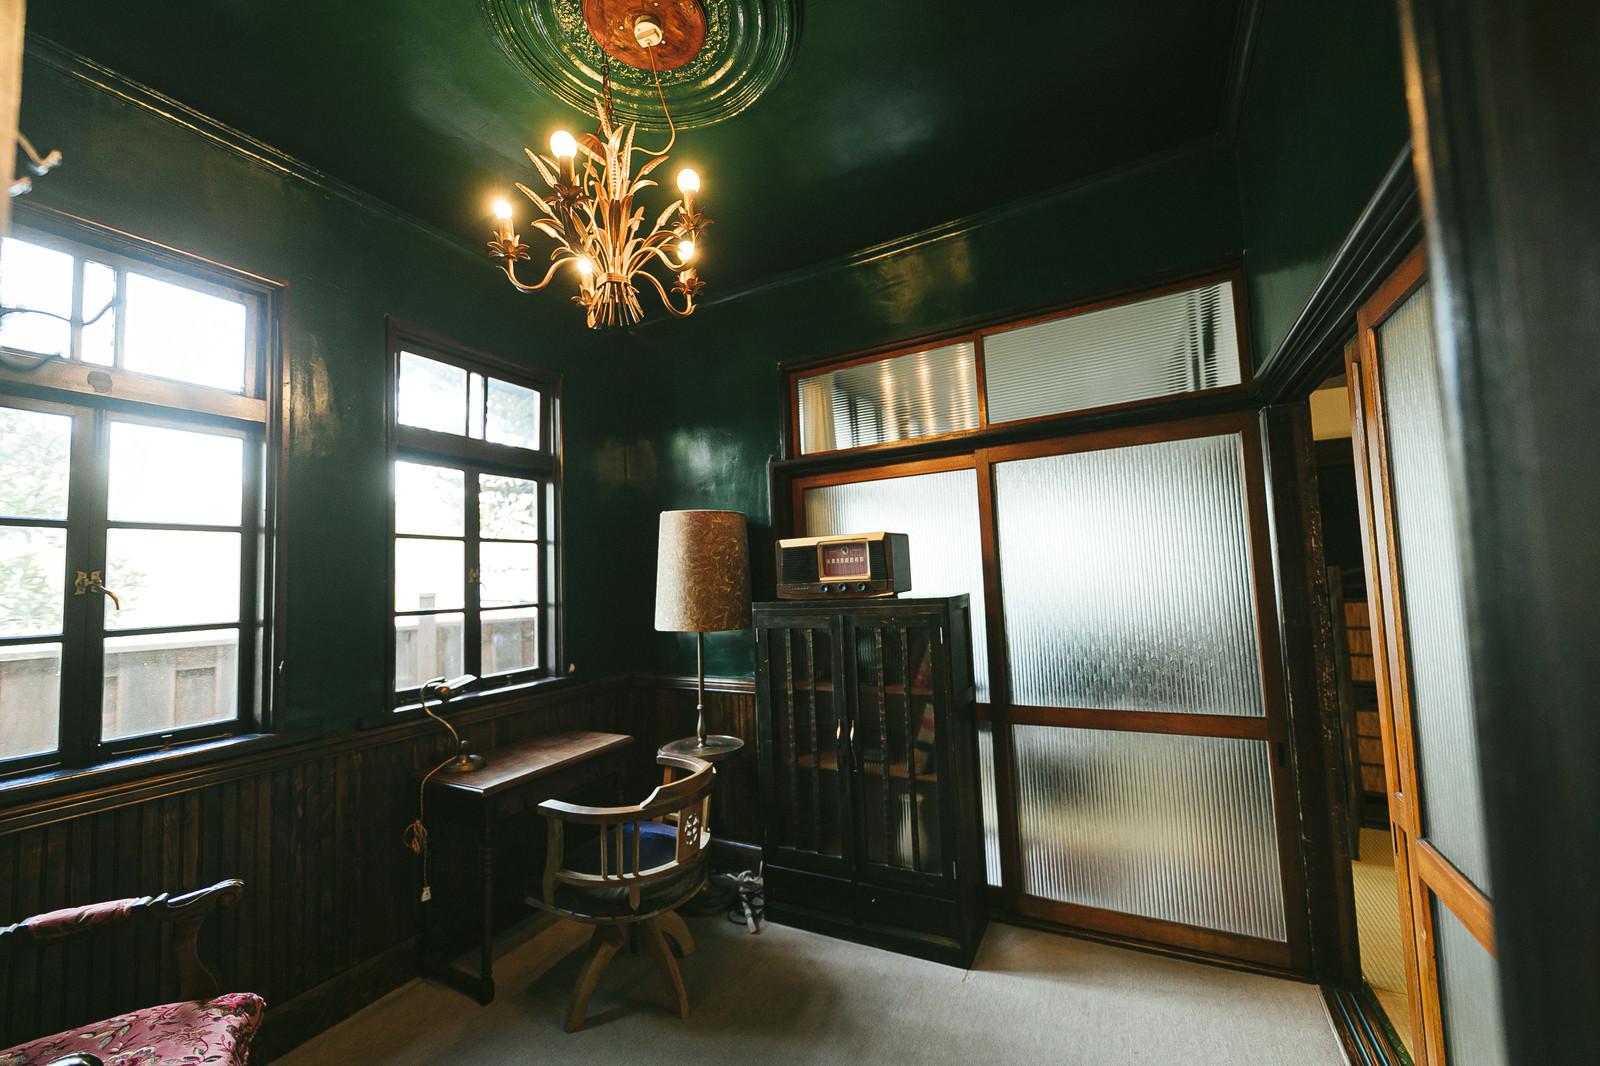 「当時は上流層が住んでいたであろう古い洋室」の写真